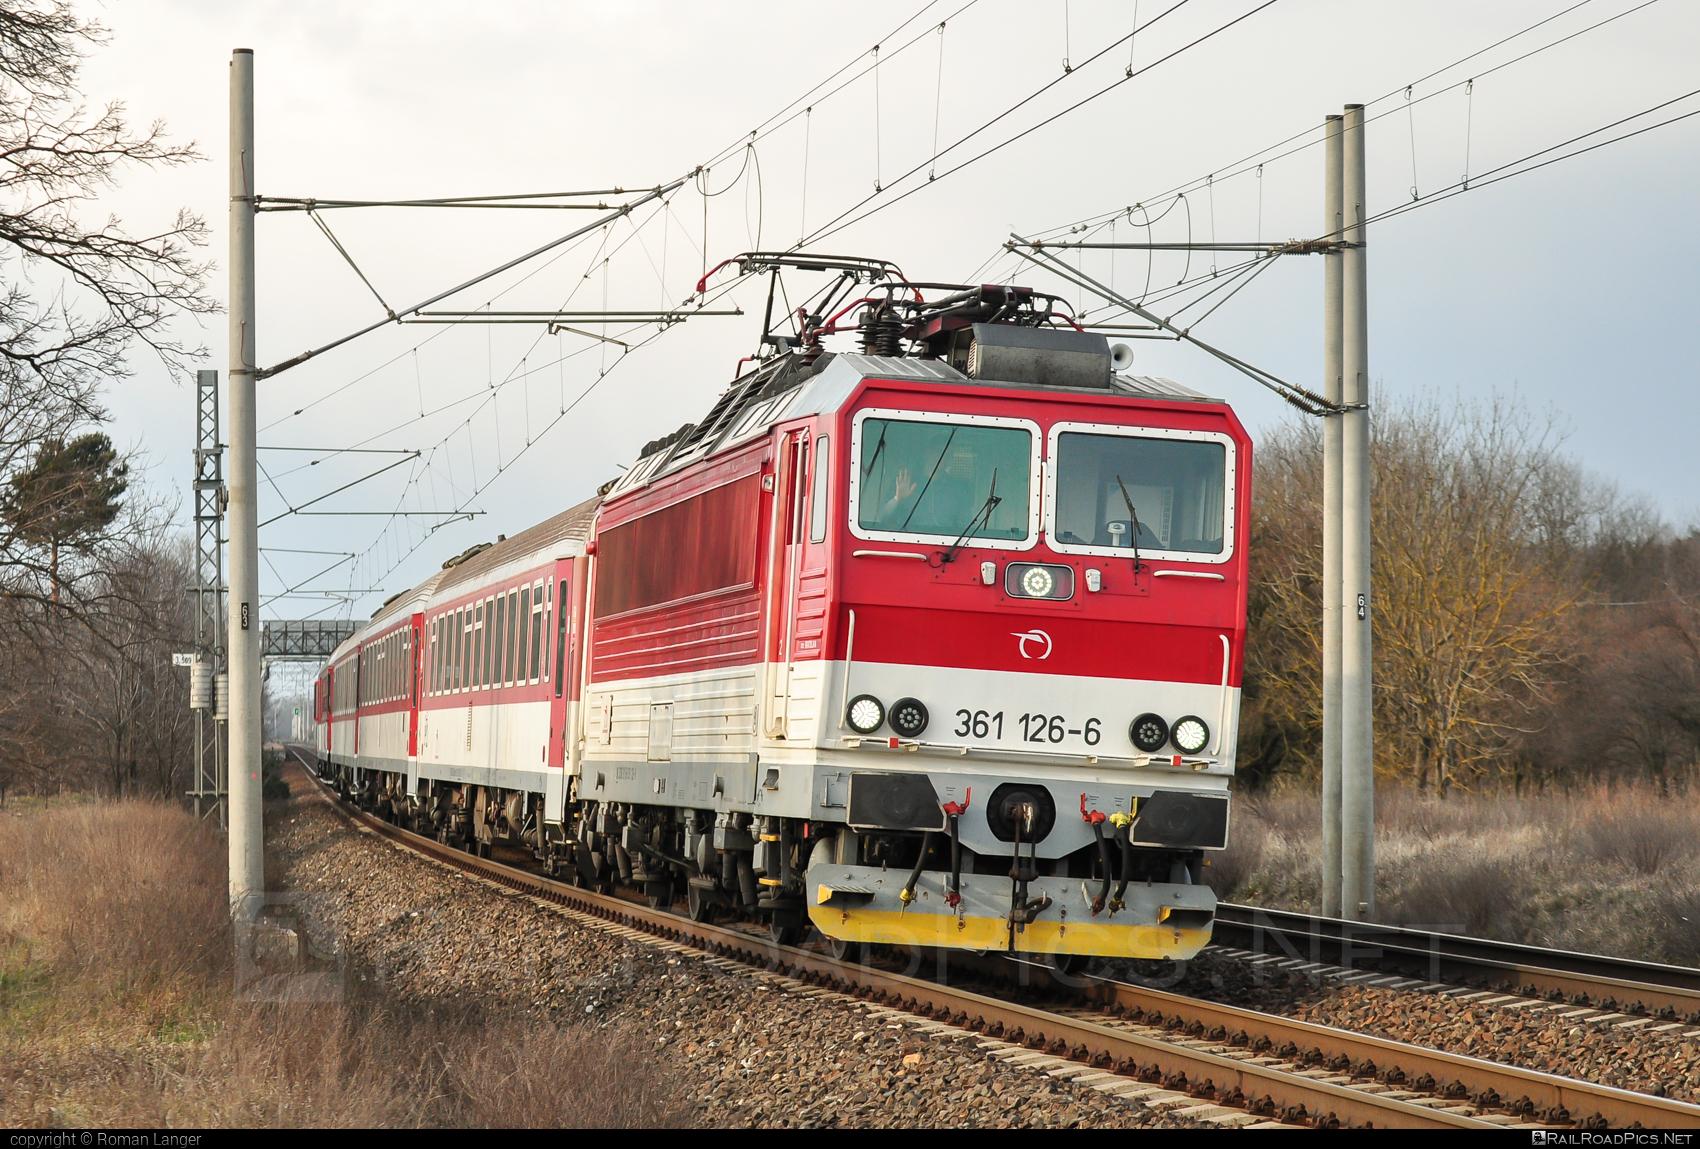 ŽOS Vrútky Class 361.1 - 361 126-6 operated by Železničná Spoločnost' Slovensko, a.s. #ZeleznicnaSpolocnostSlovensko #locomotive361 #locomotive3611 #zosvrutky #zssk